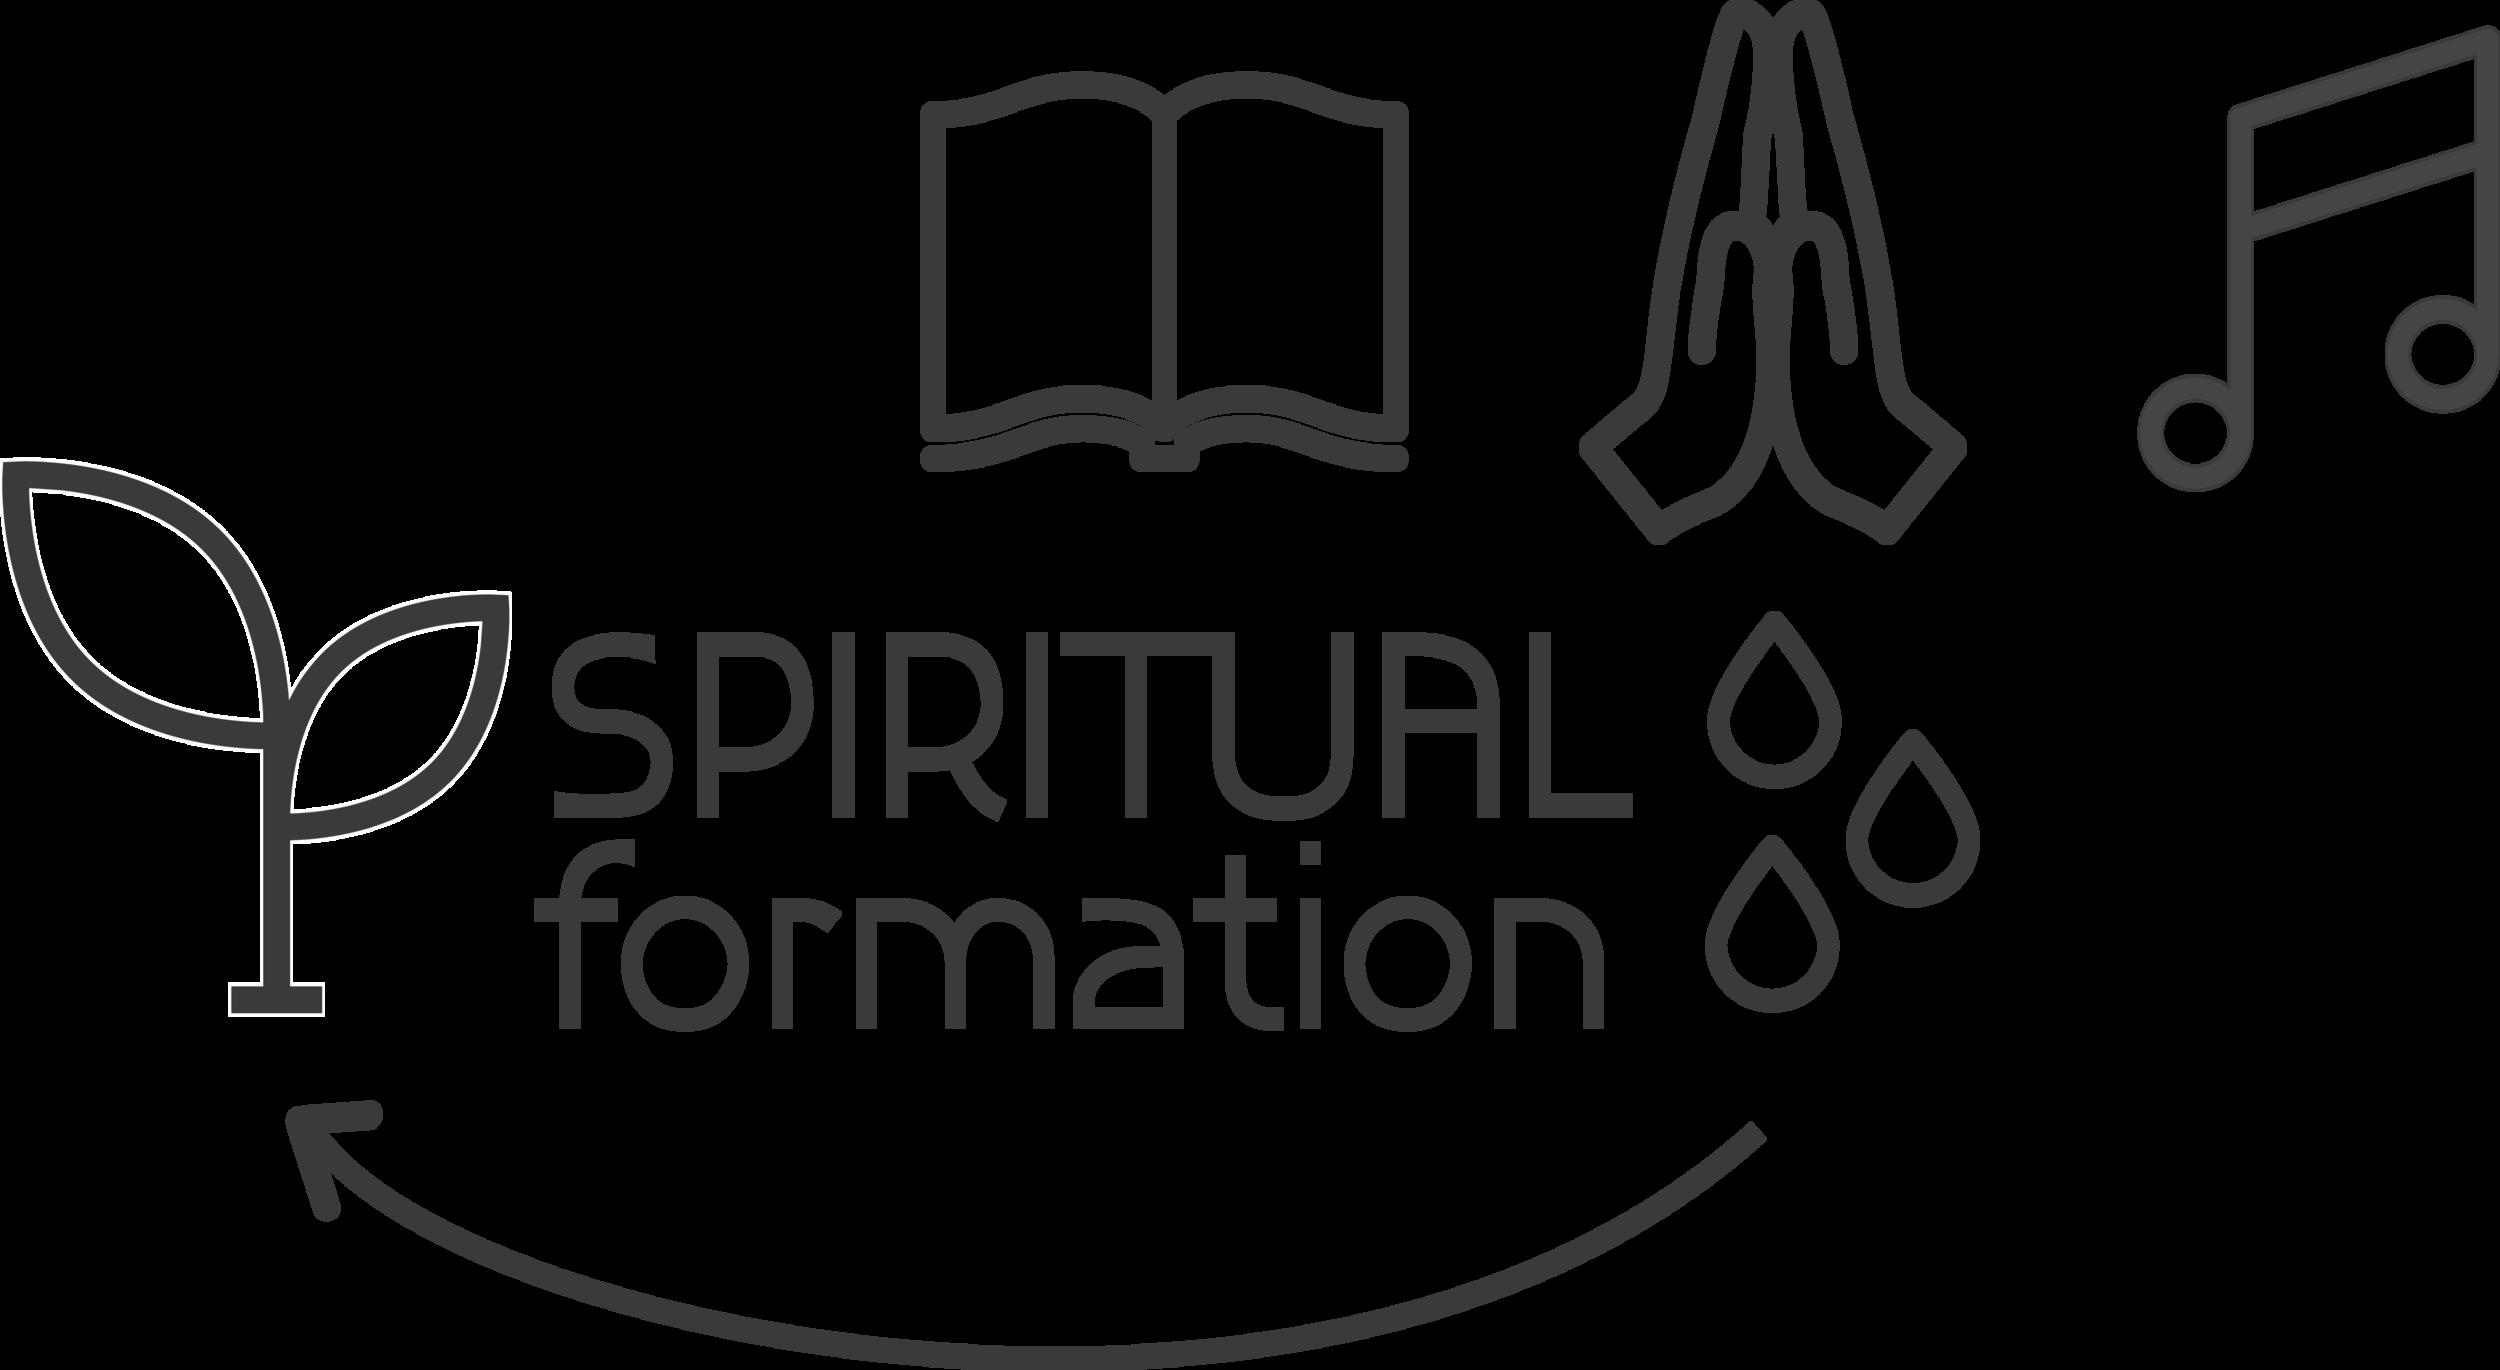 Spiritual Formation Logo.png